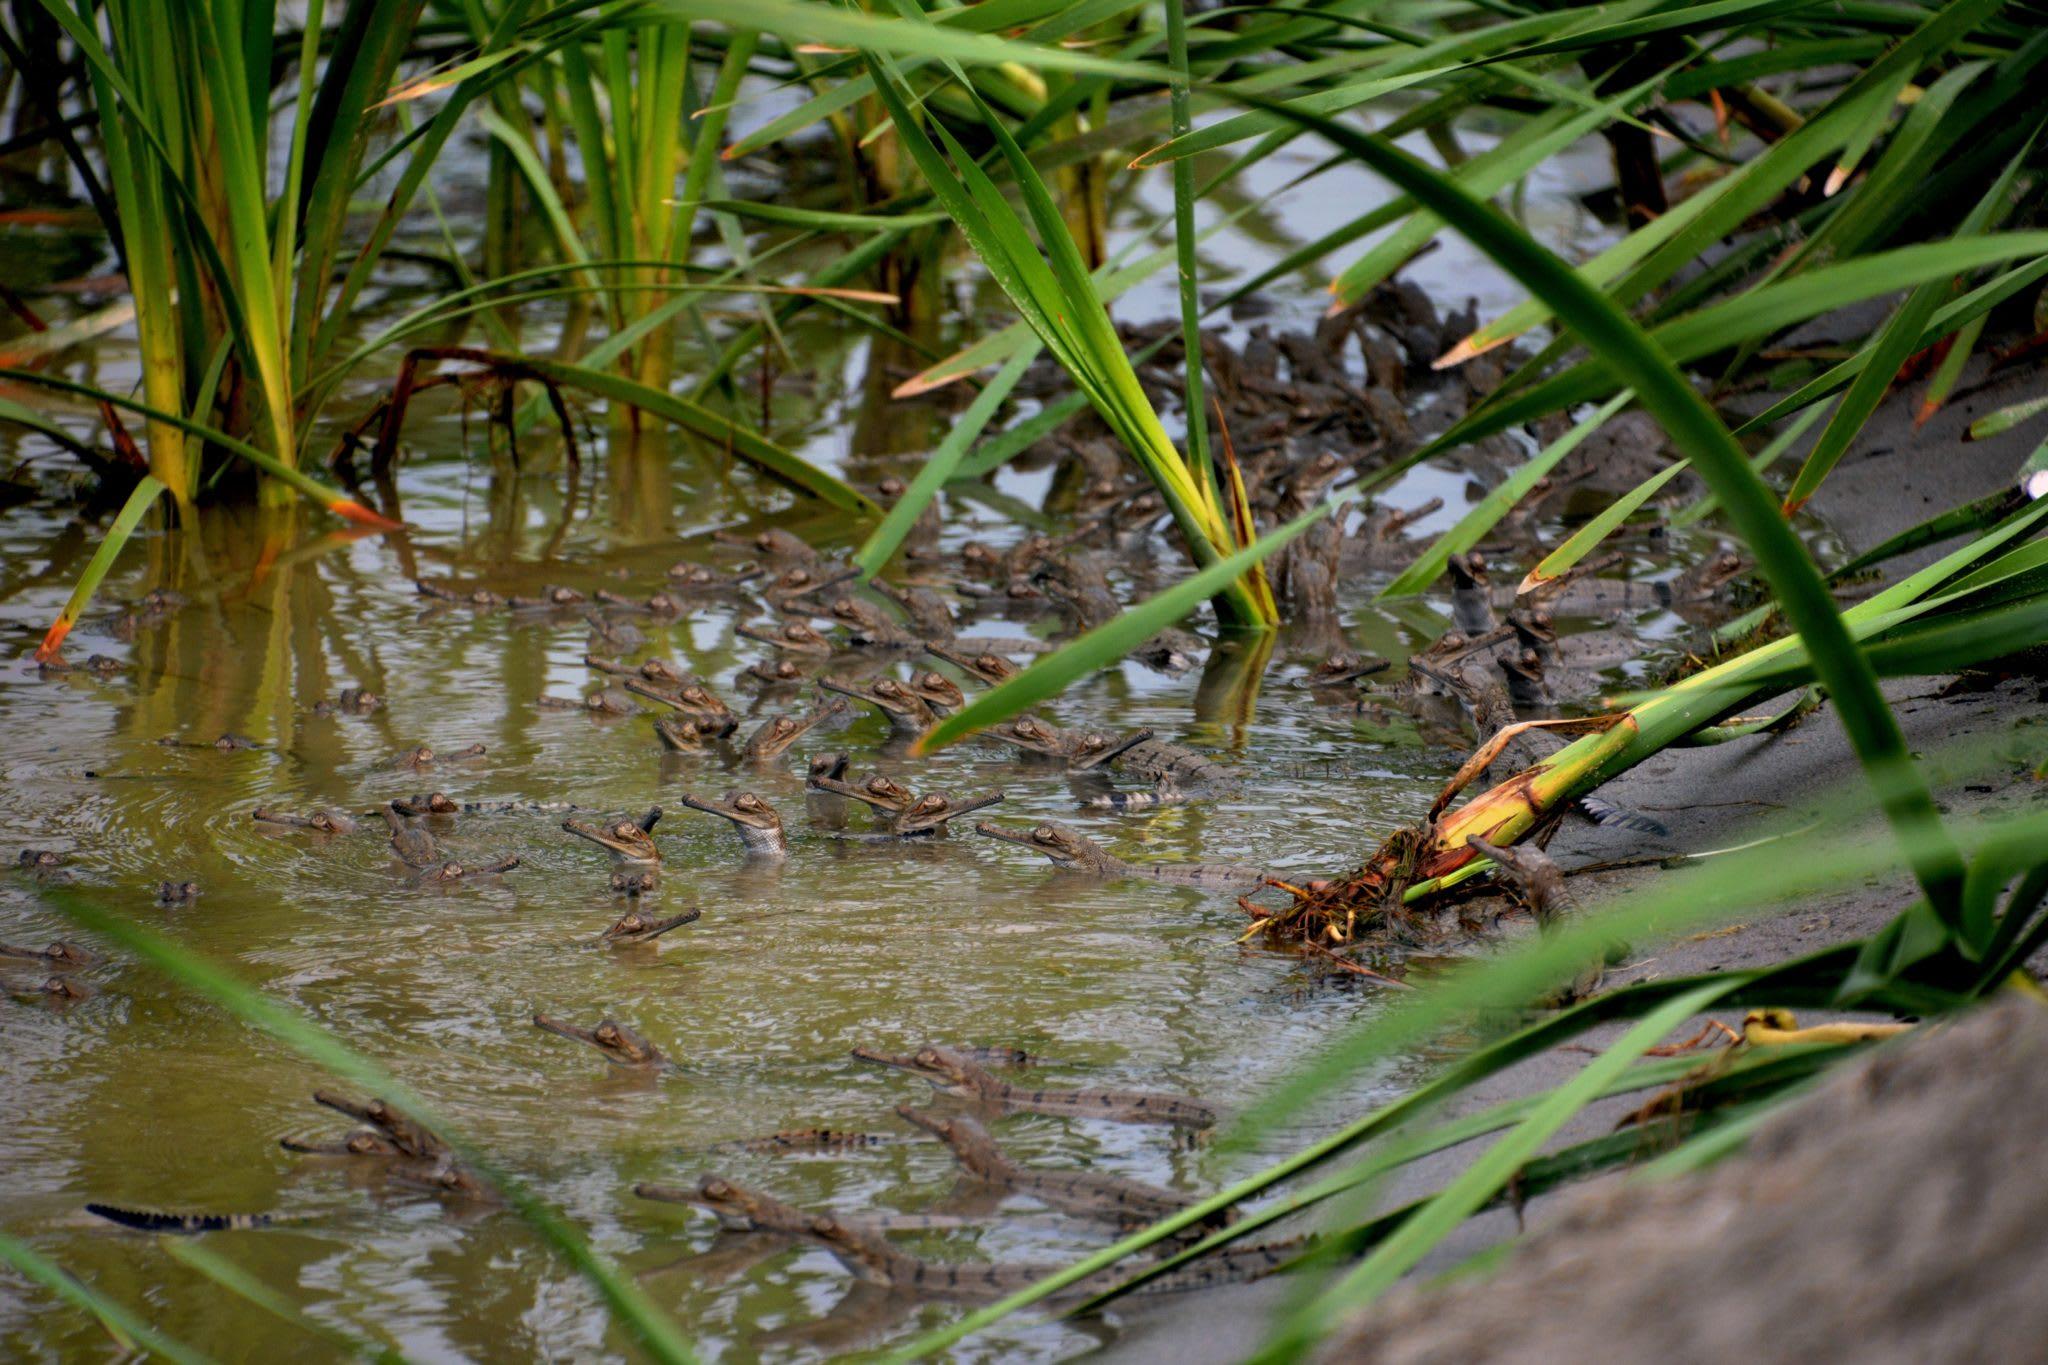 Gharial hatchlings. Photo: Gaurav Vashistha